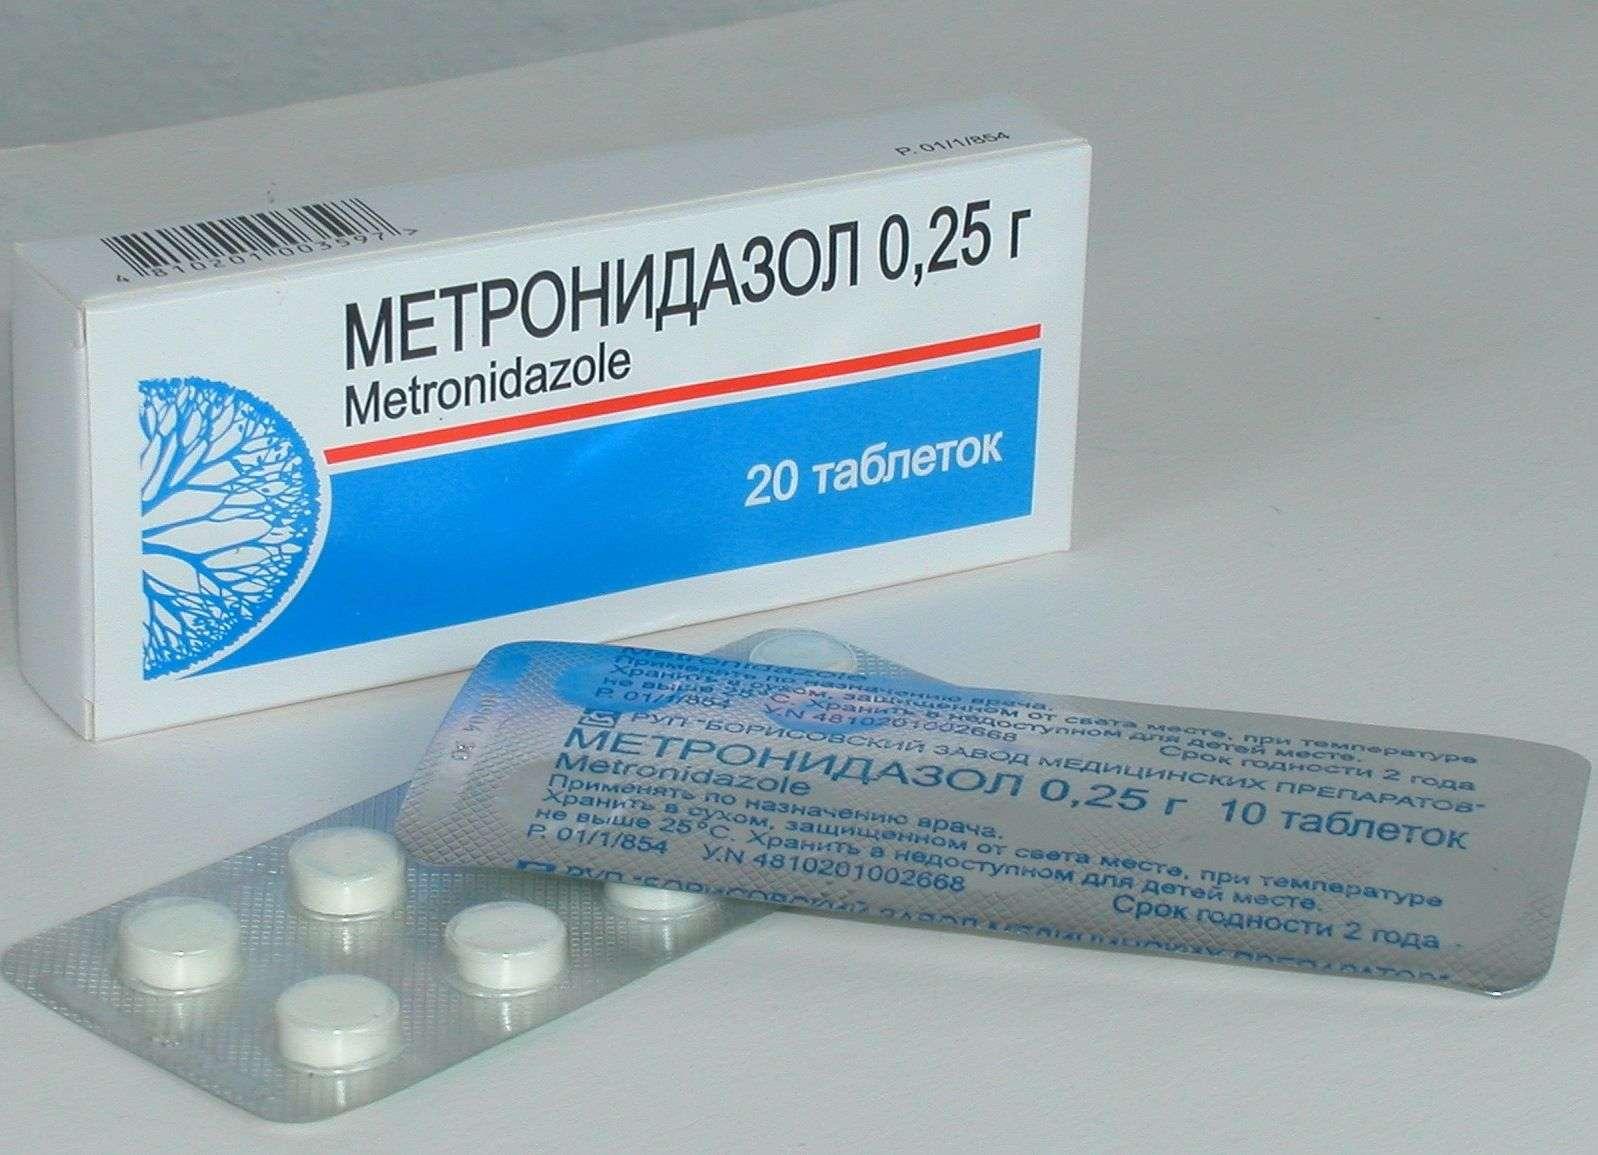 Метронидазол Никомед инструкция по применению, Метронидазол Никомед цена, Метронидазол Никомед описание, Метронидазол Никомед купить